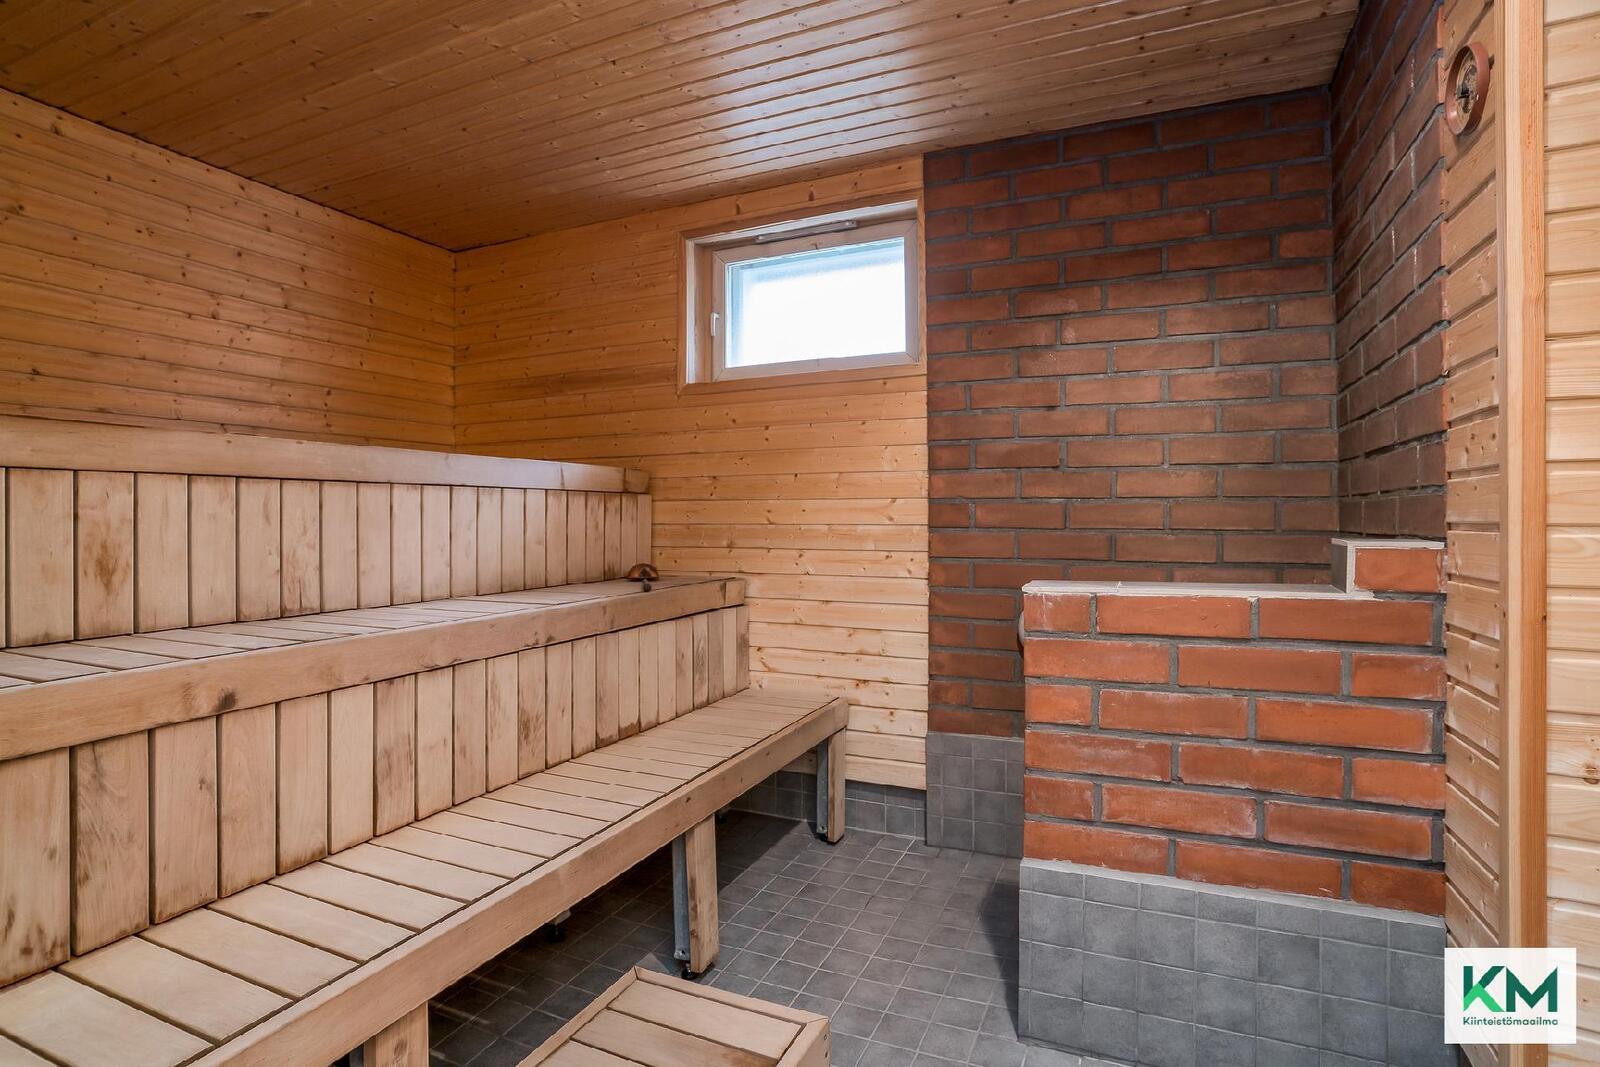 Taloyhtiössä on hiljattain remontoitu suuri sauna.